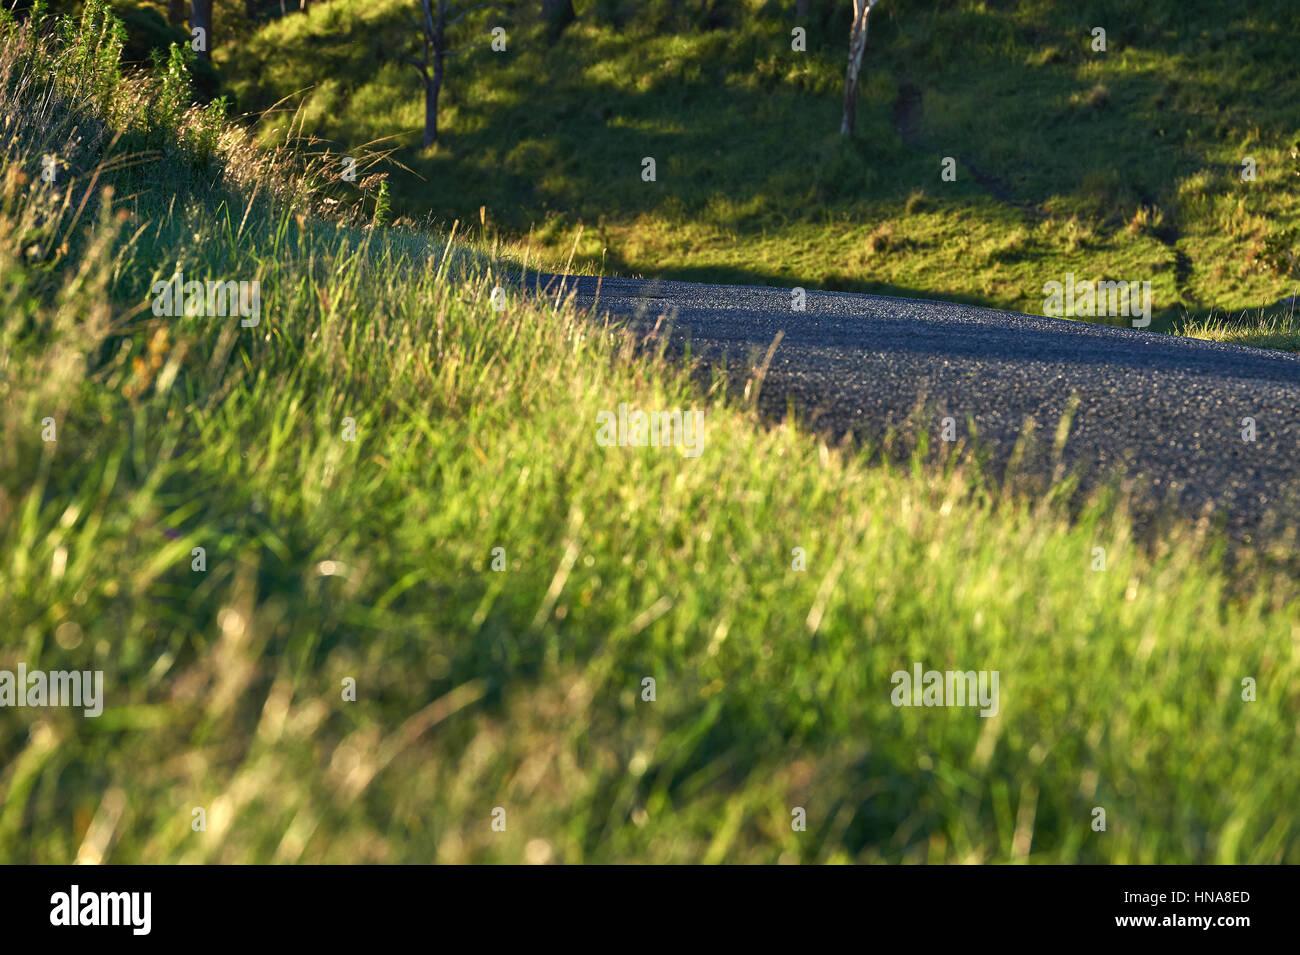 Kleinen Ausschnitt aus Bitumen-Straße in einer ländlichen Umgebung Stockbild